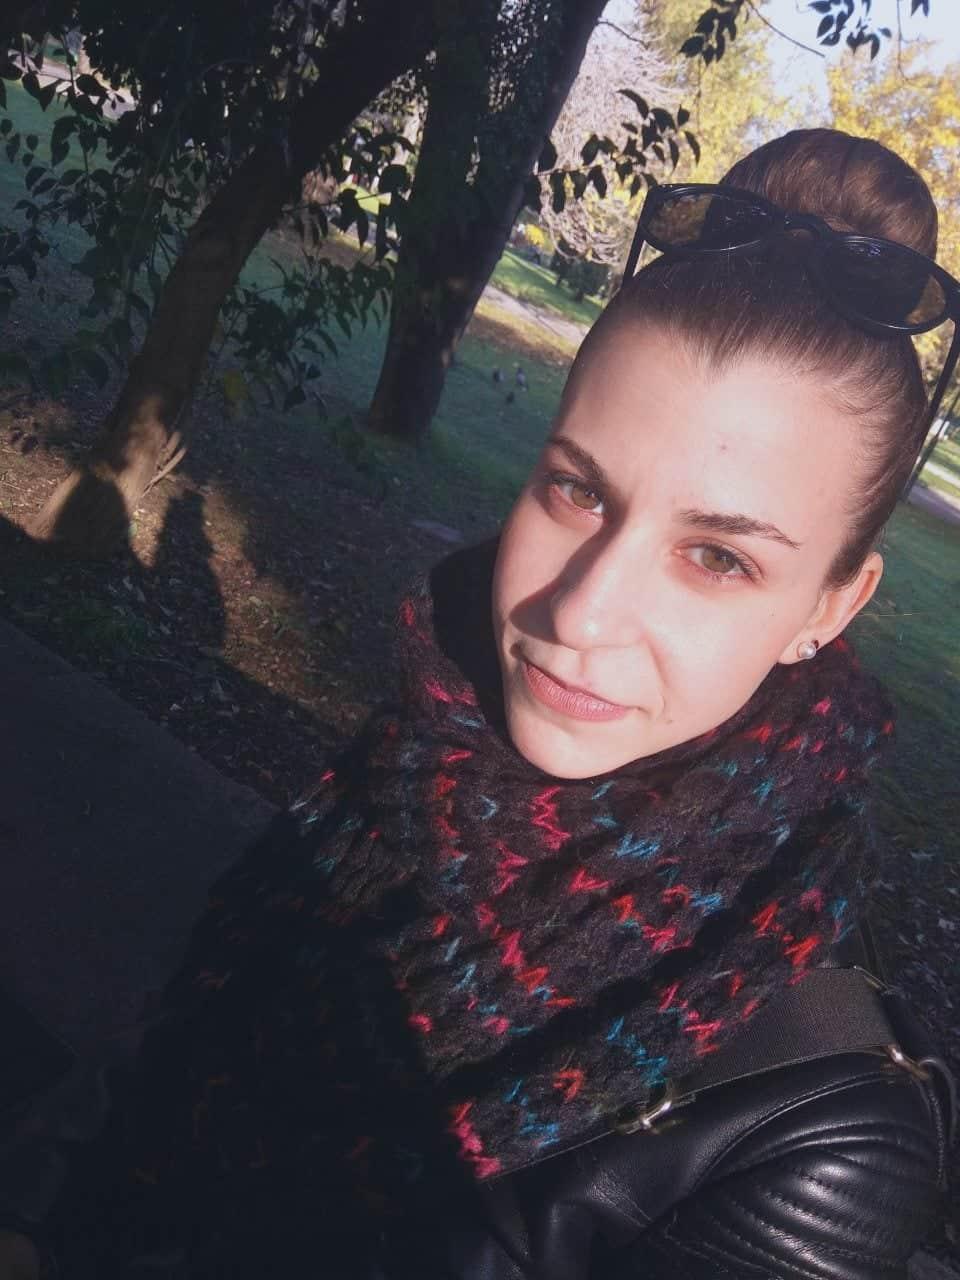 Λουΐζου Άννα-Μαρία υποψήφια Σύμβουλος Κοινότητας Νίκαιας με την Κίνηση Πολιτών Νίκαιας-Ρέντη «Κόντρα στο Ρεύμα».